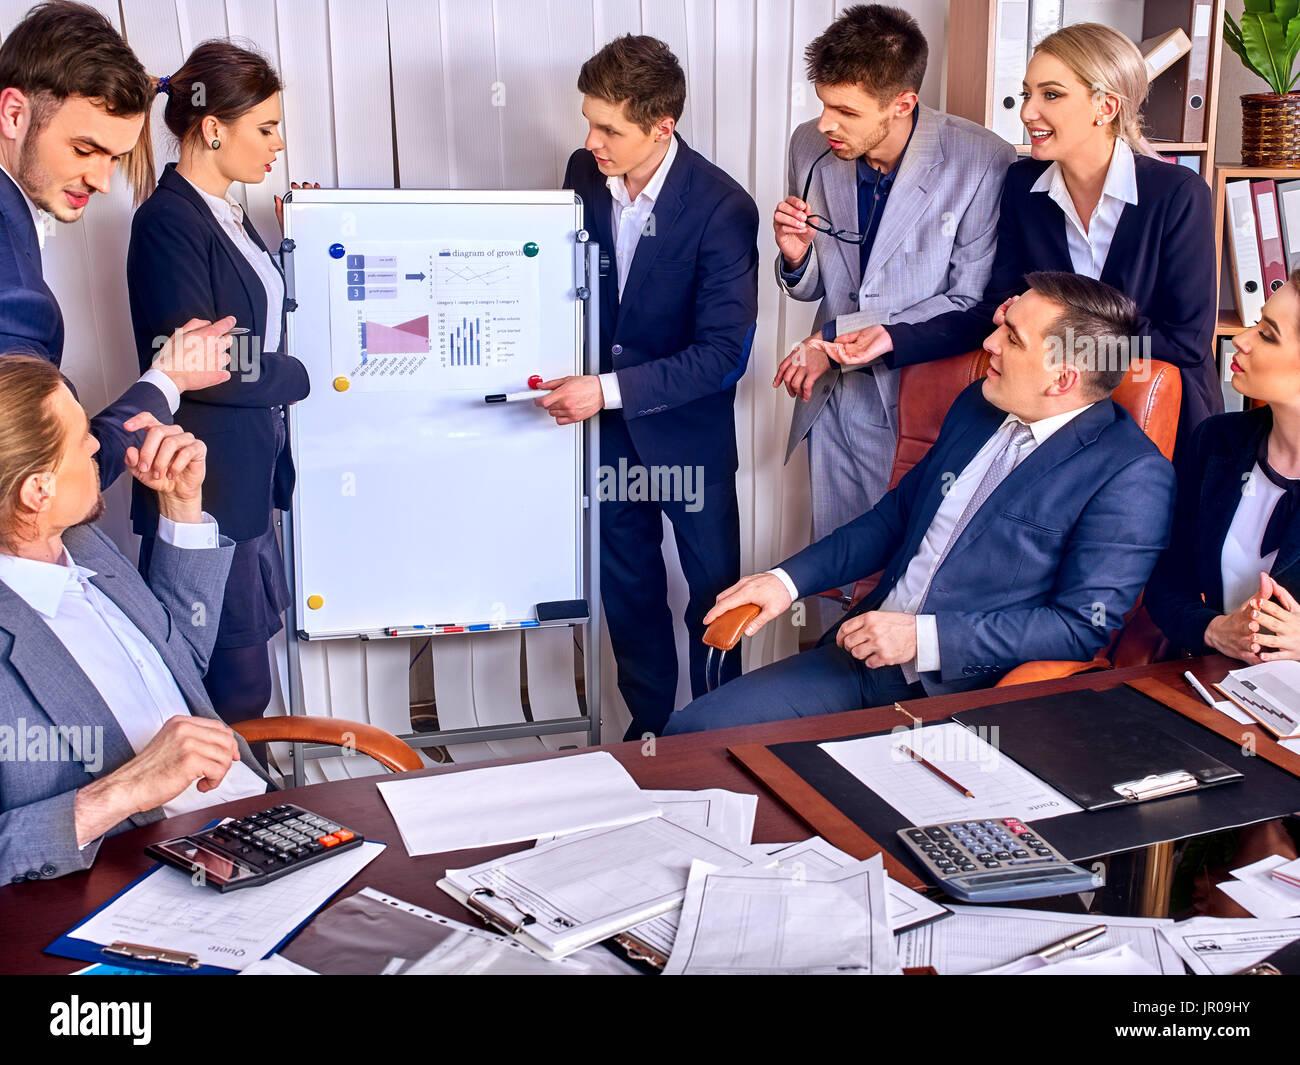 Imagenes De Personas Trabajando En Equipo: La Gente De Negocios La Oficina Life Del Equipo De